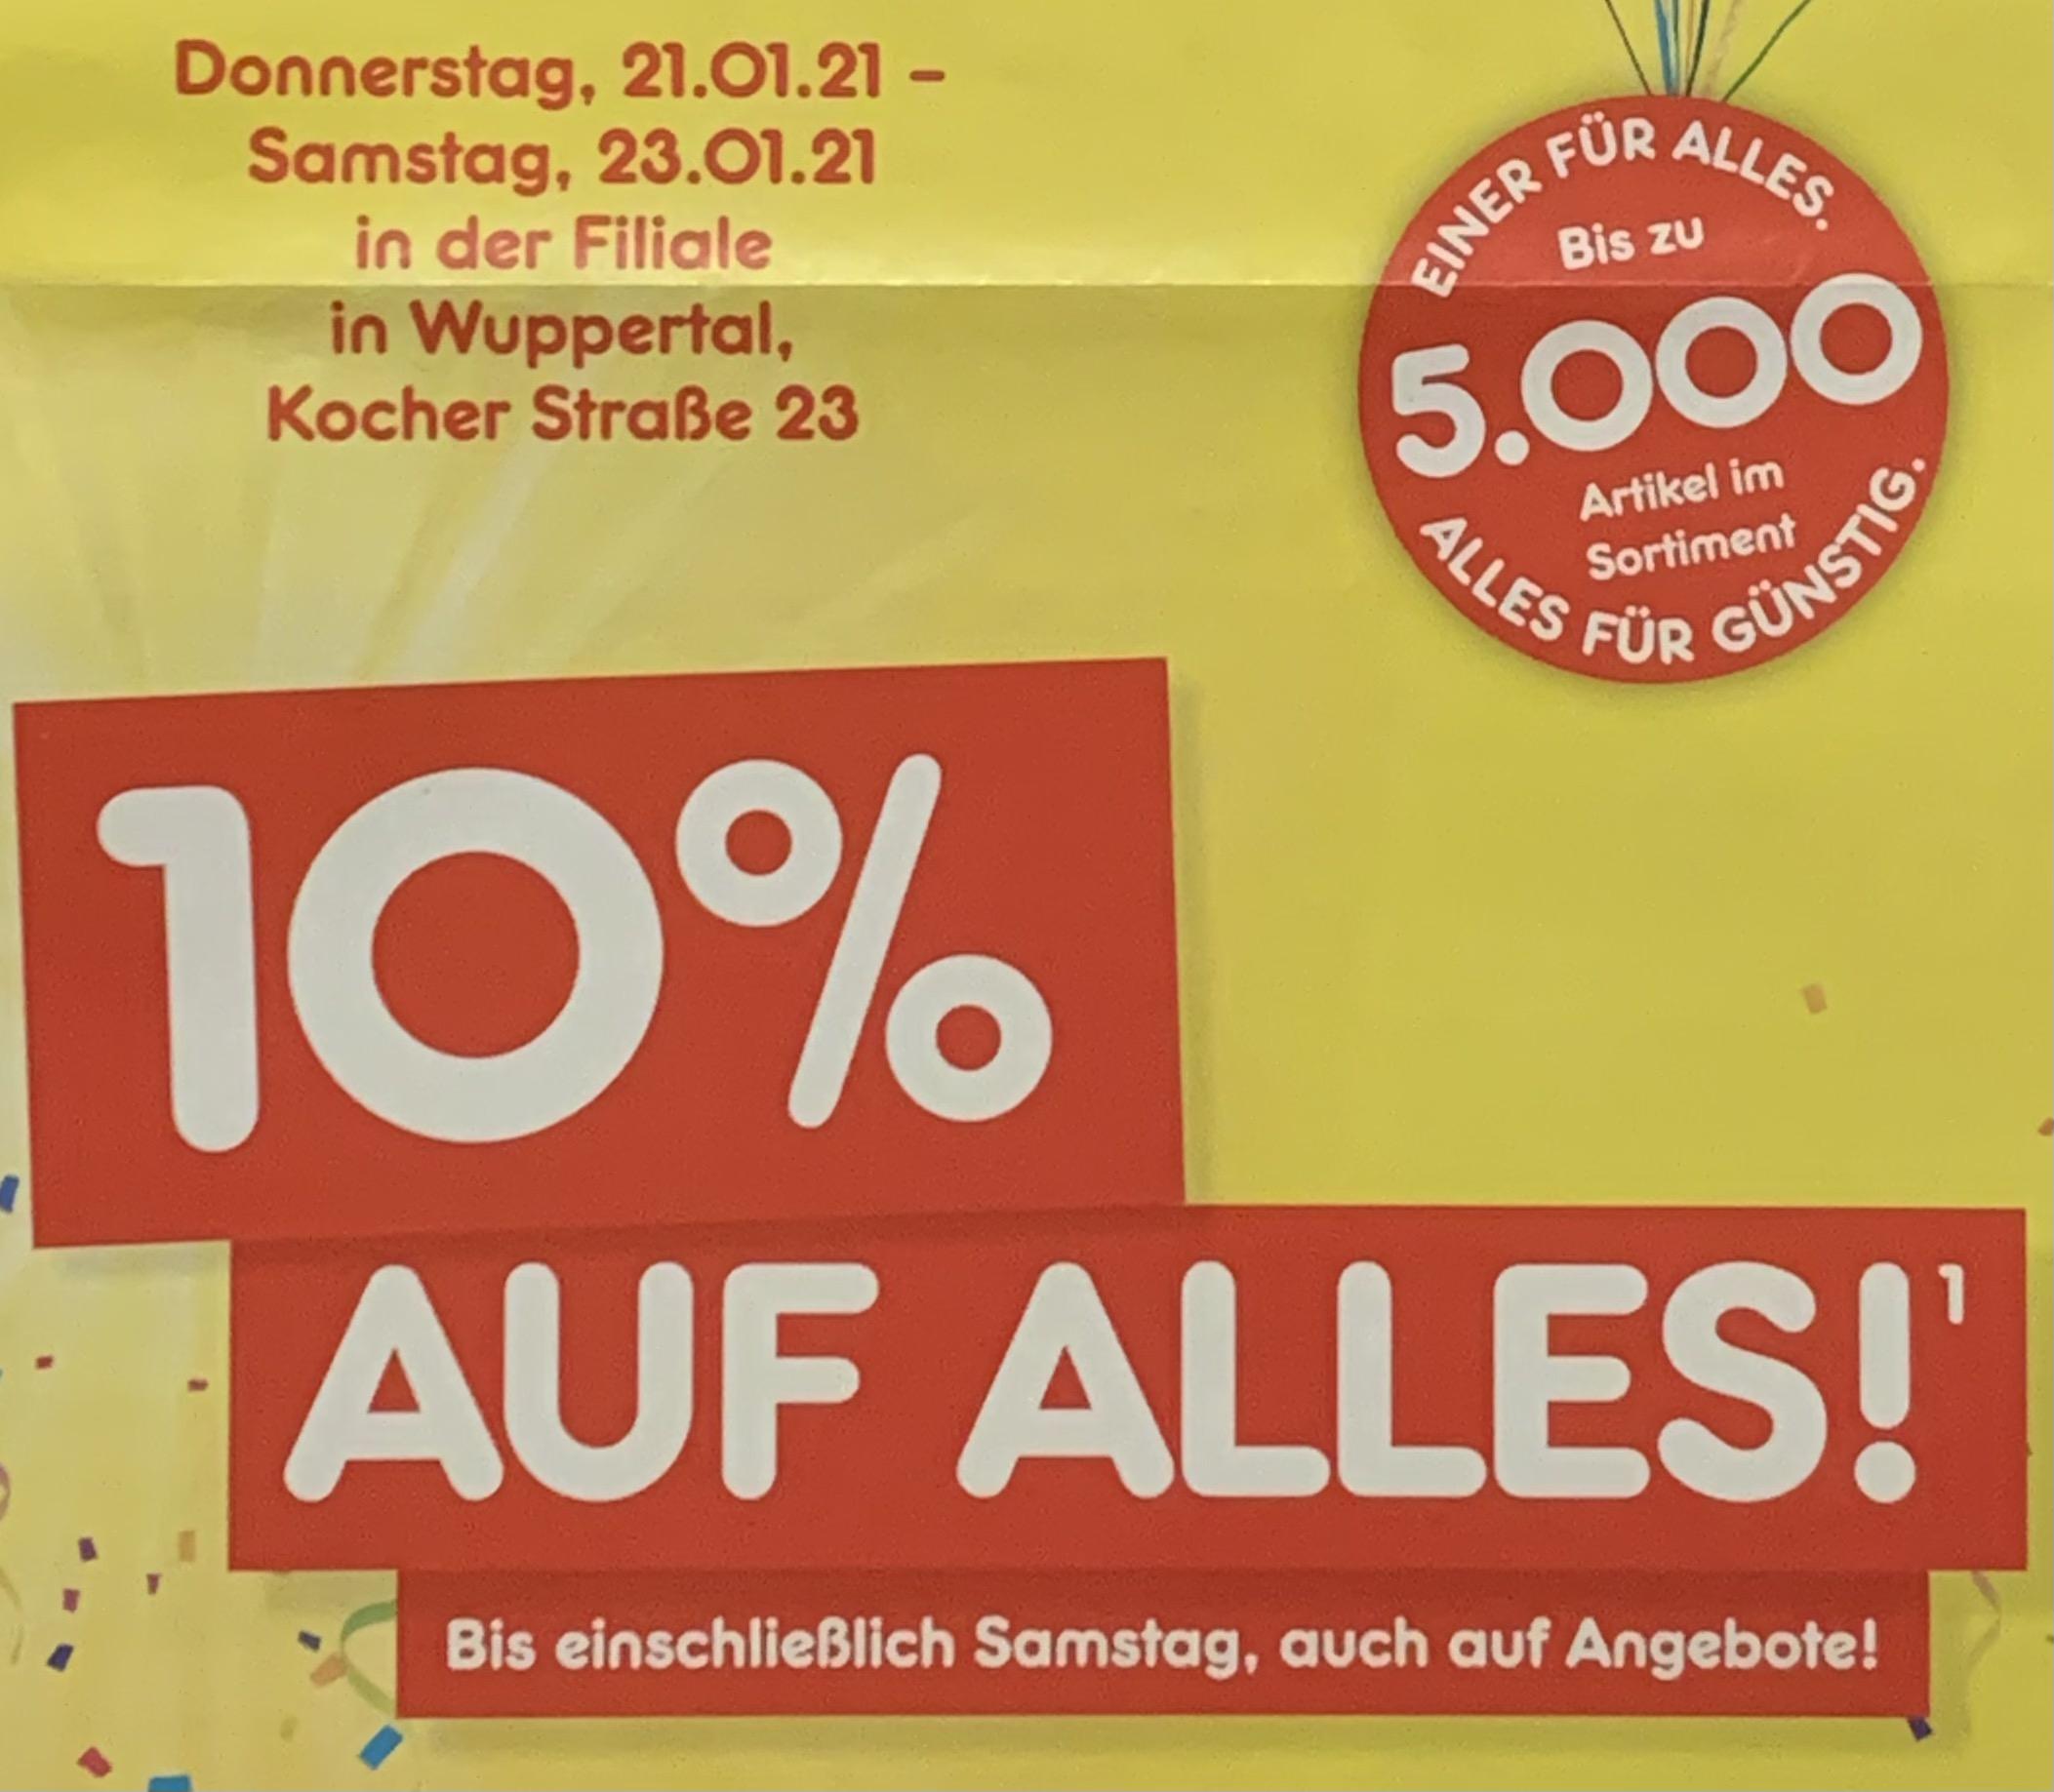 Lokal Wuppertal - Netto Marken-Discount (MD) - 10% auf alles* vom 21.01. - 23.01. -> als Dank für die tolle Neueröffnung